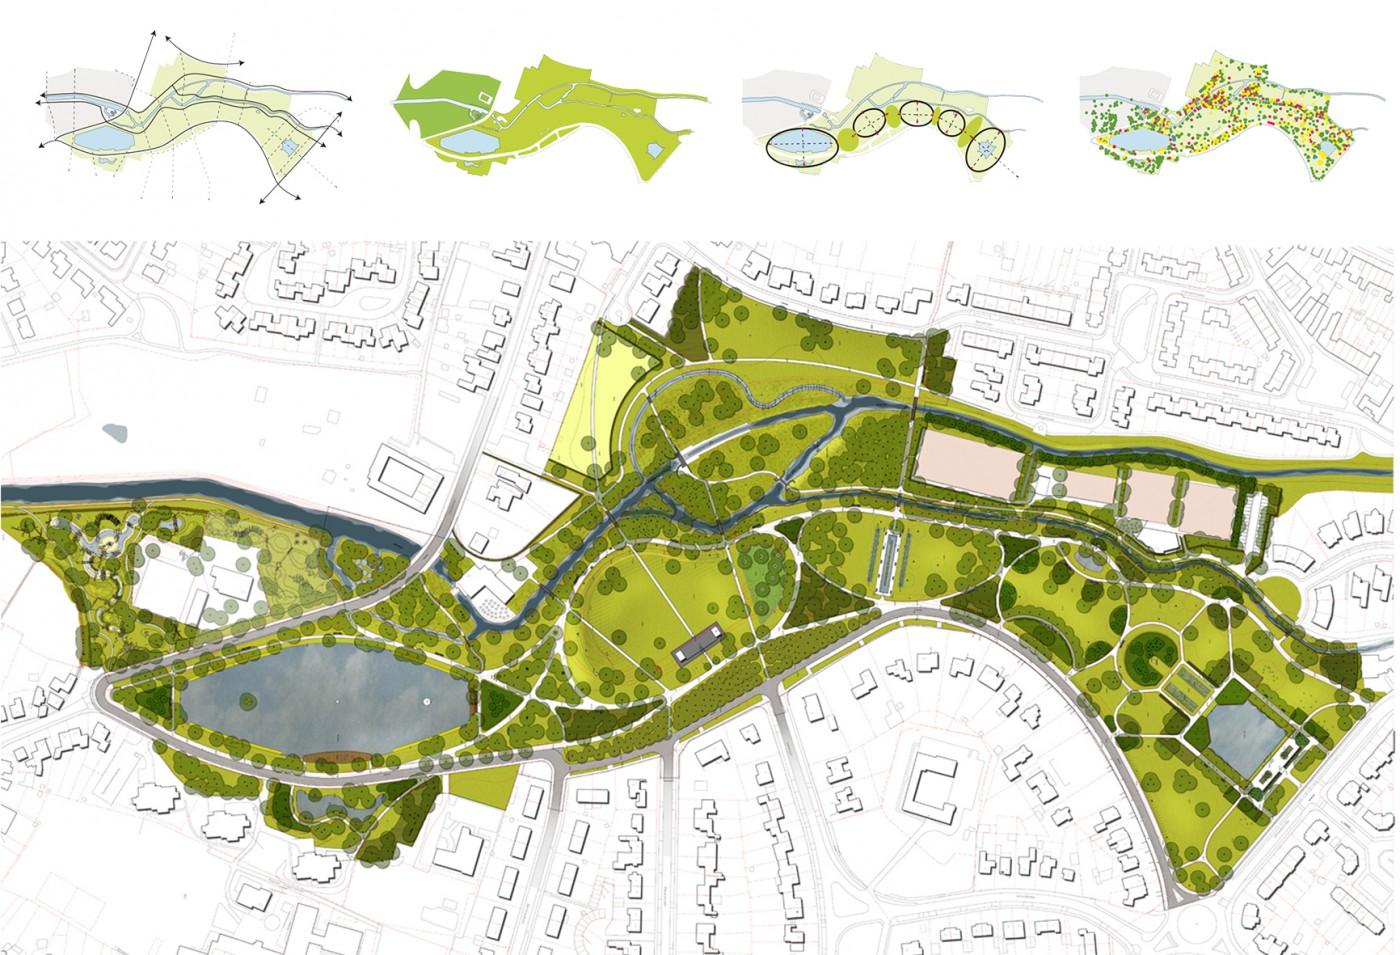 buro-sant-en-co-stadspark-sittard-ontwerp-diaagrams